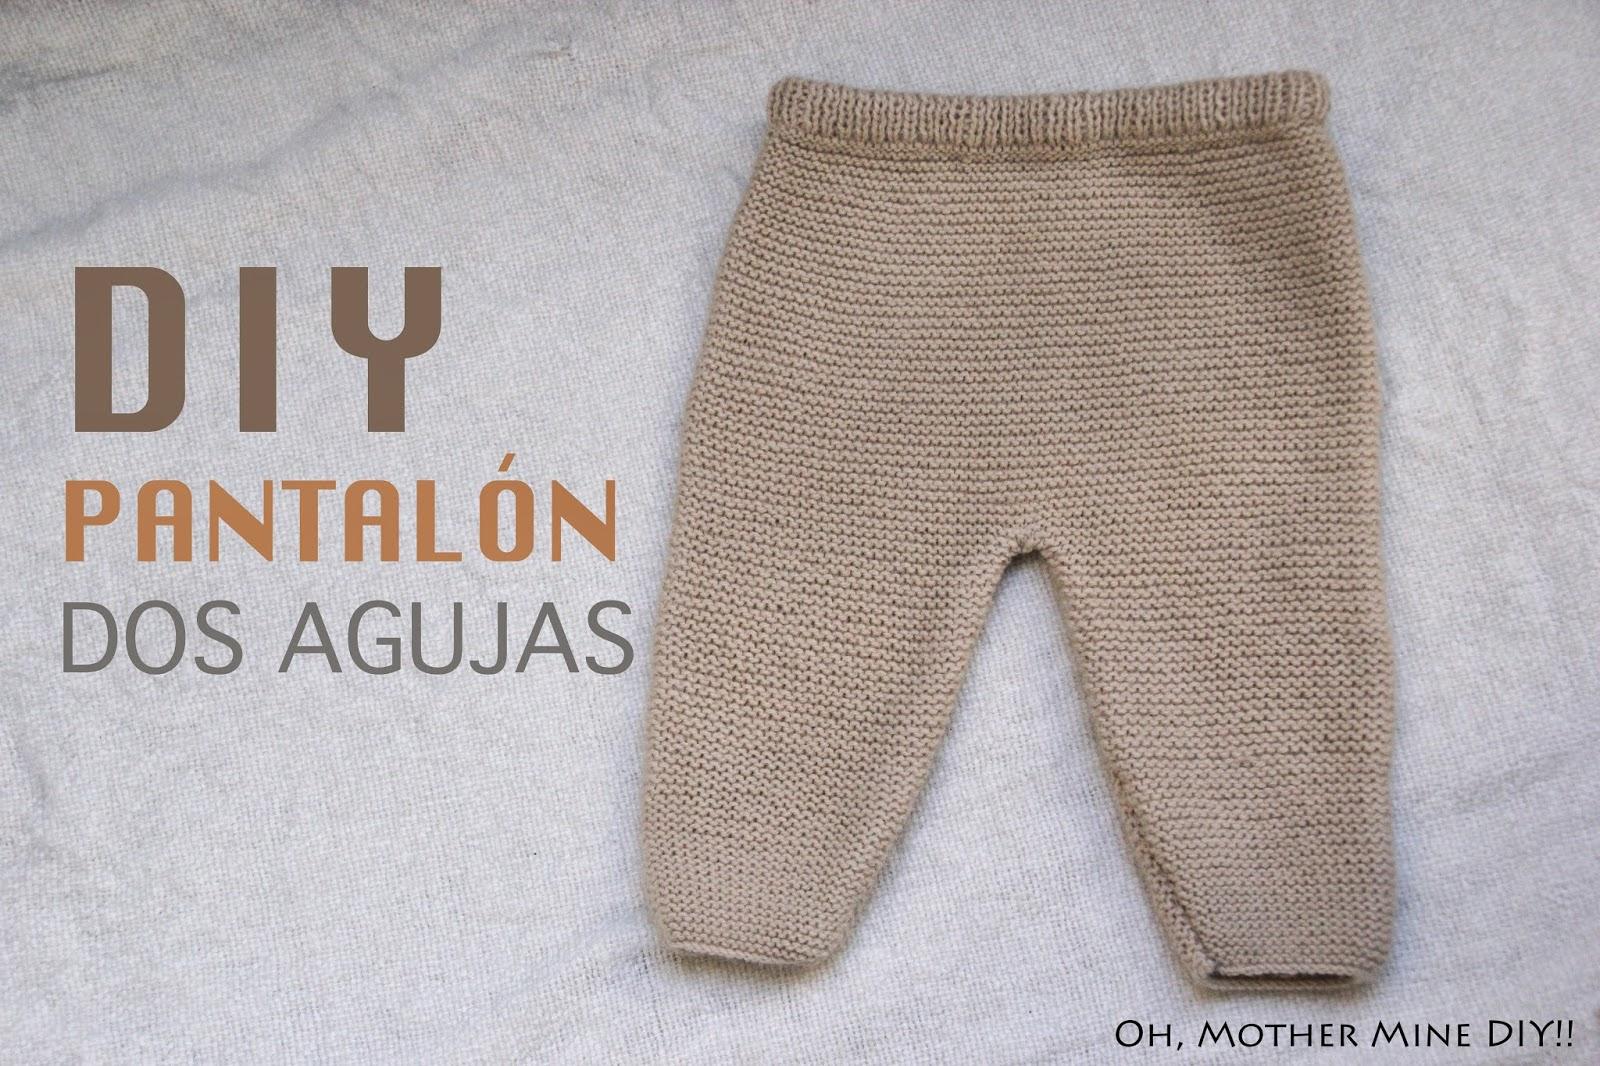 ropa de bebé Descargar Fotos gratis Freepik - imagenes de ropa para bebe